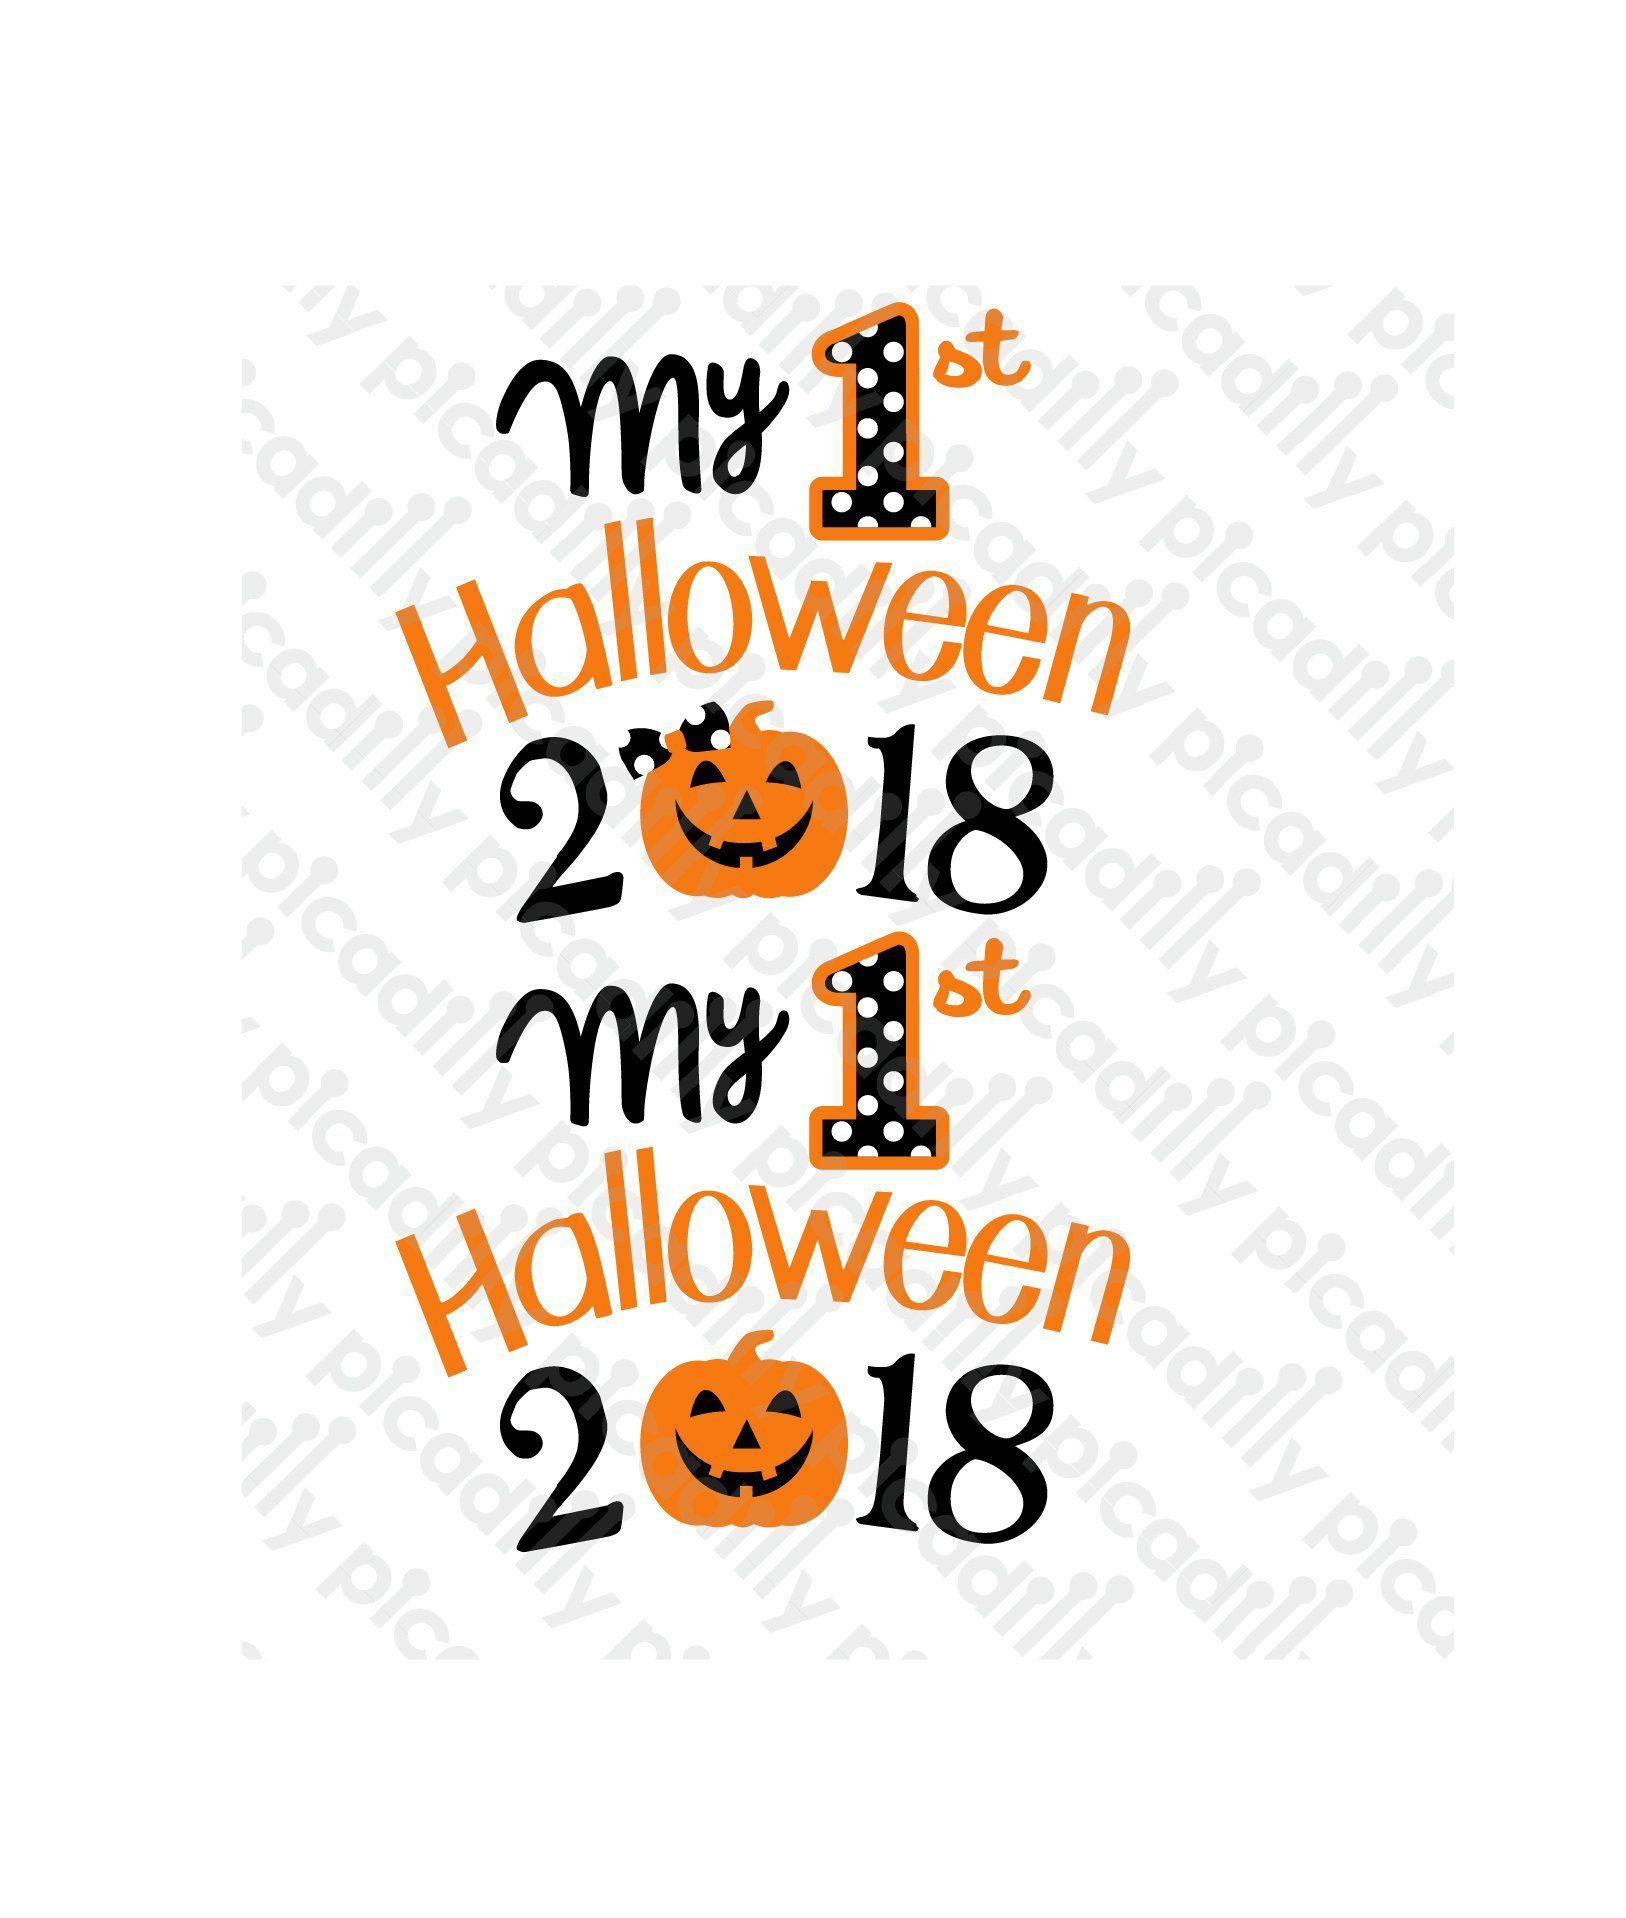 My 1st Halloween Svg Png Pumpkin My 1st Halloween Svg 1st Halloween Clipartp Pumpkin Polka Dot Svg My First Hallow My First Halloween First Halloween Halloween